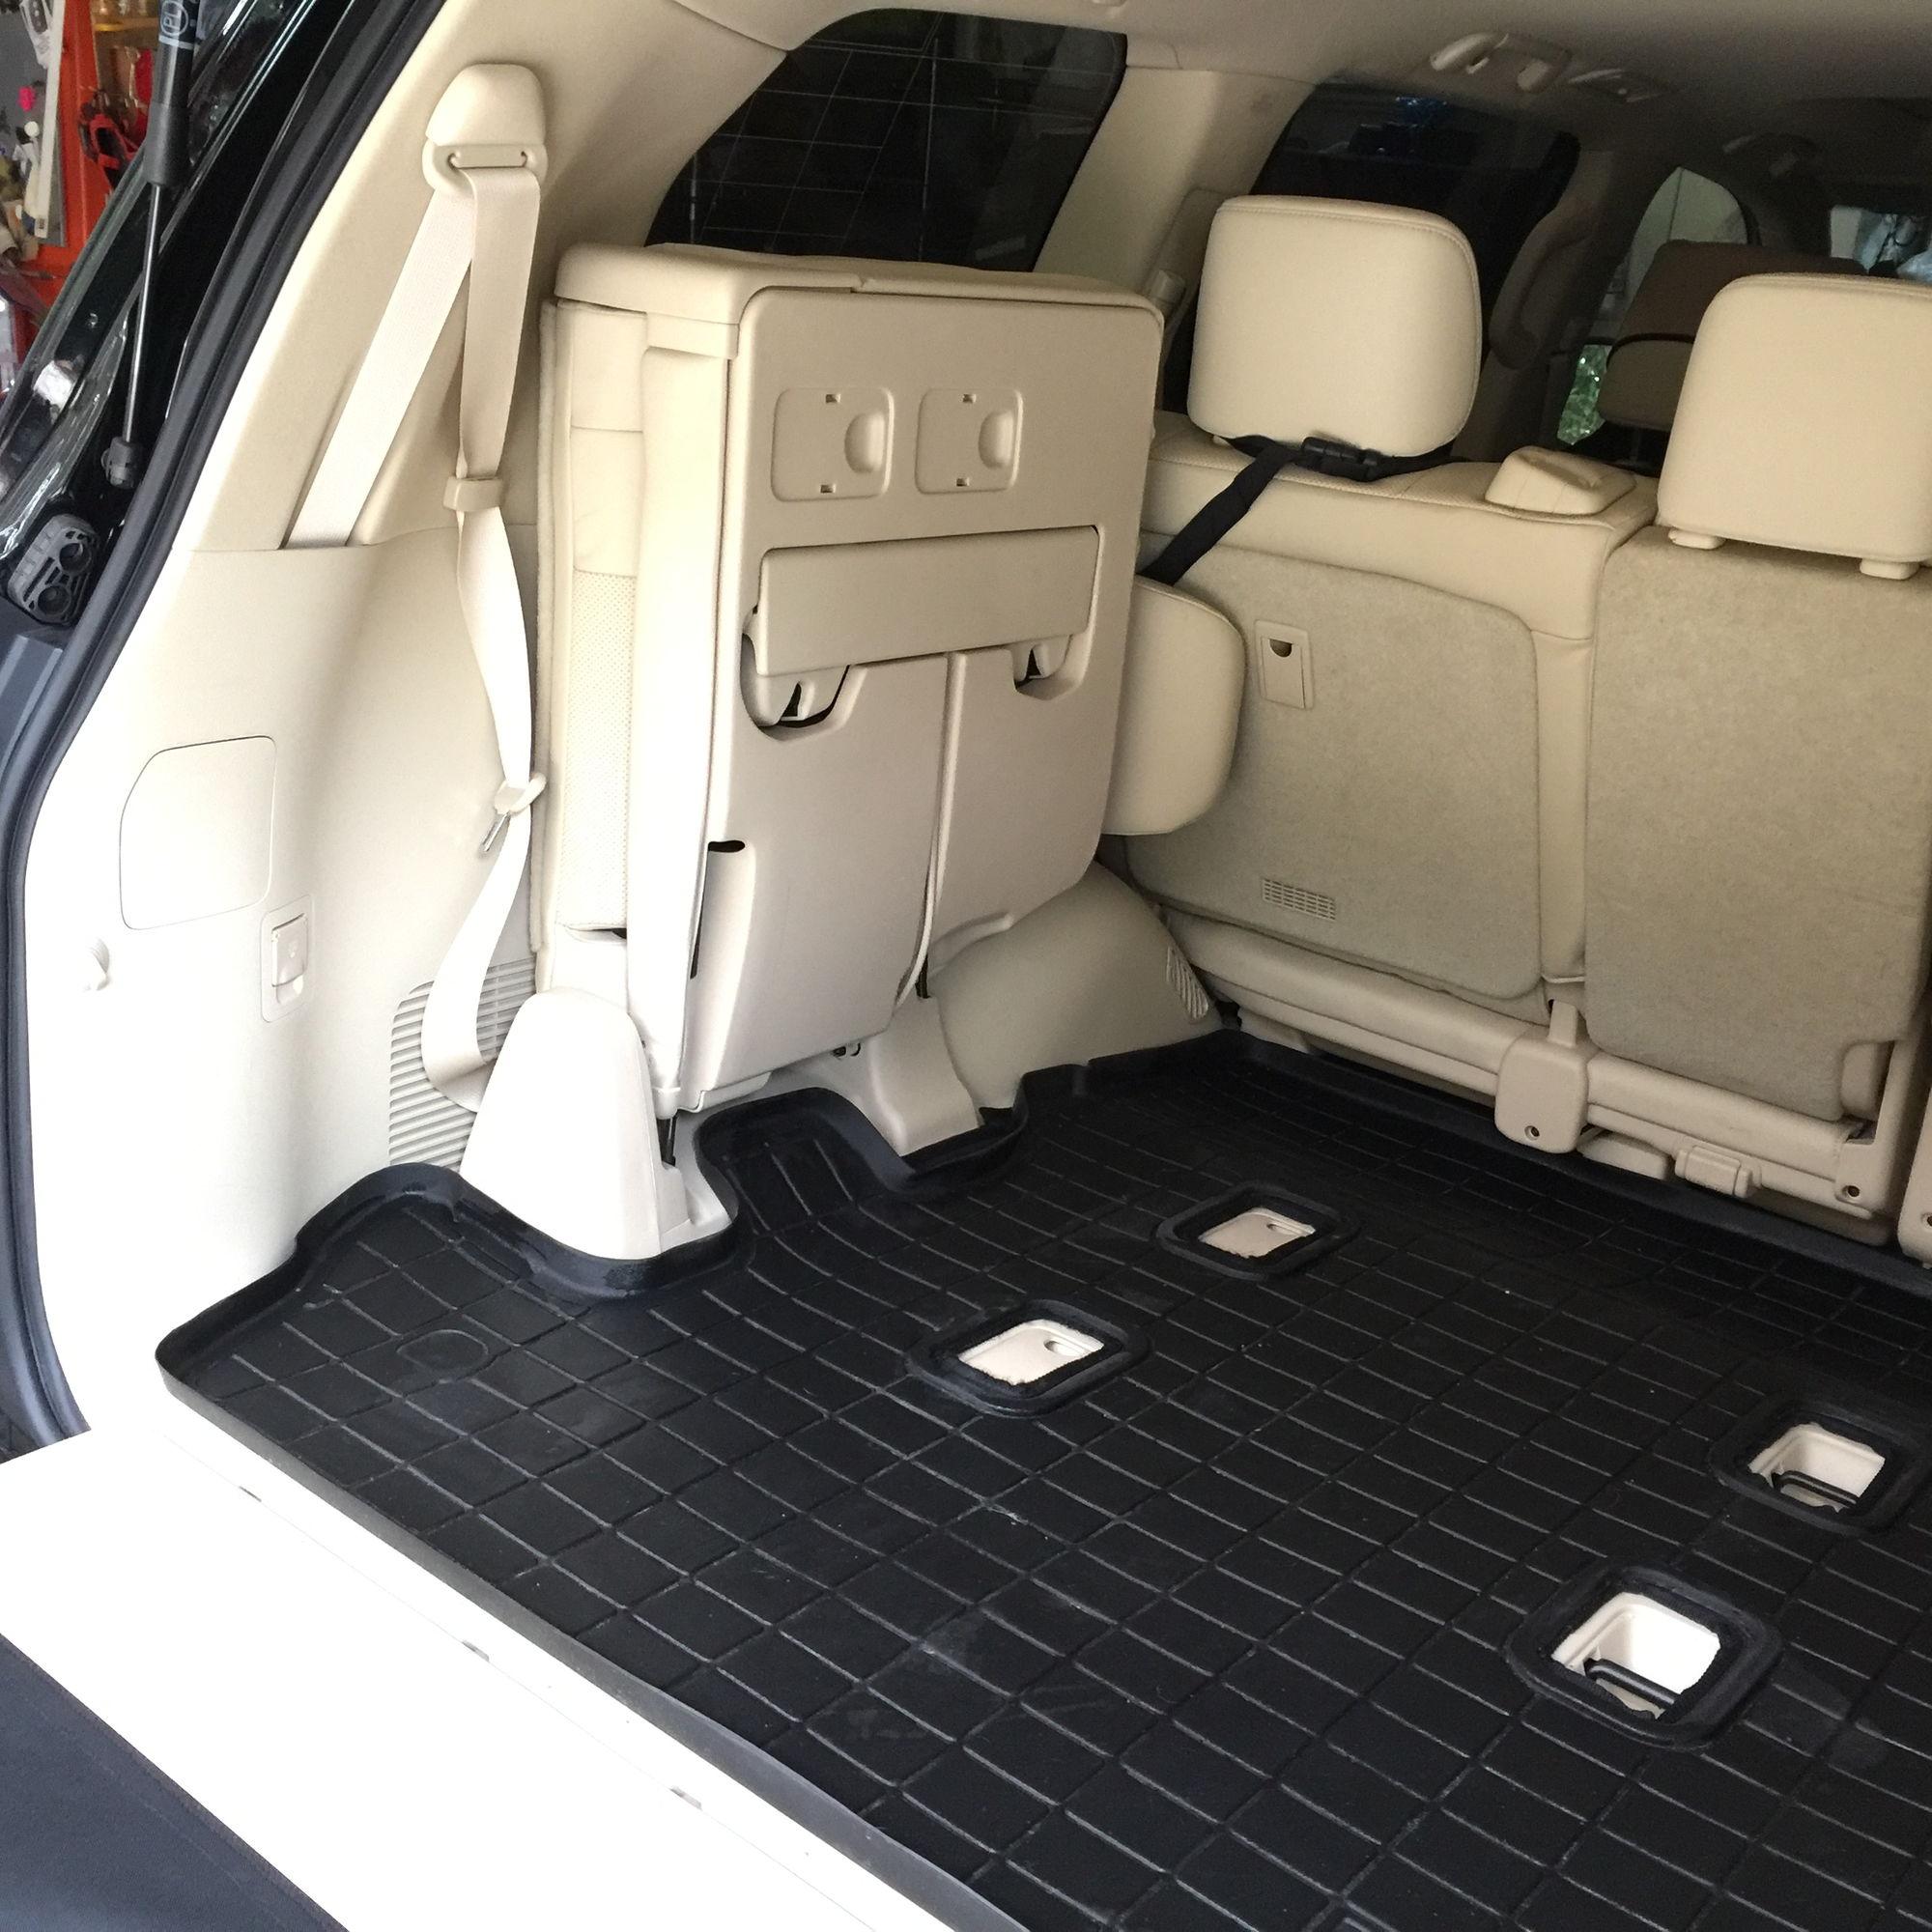 Weathertech floor mats gx470 - 2015 Lx Weather Tech Mat In 2016 Lexus